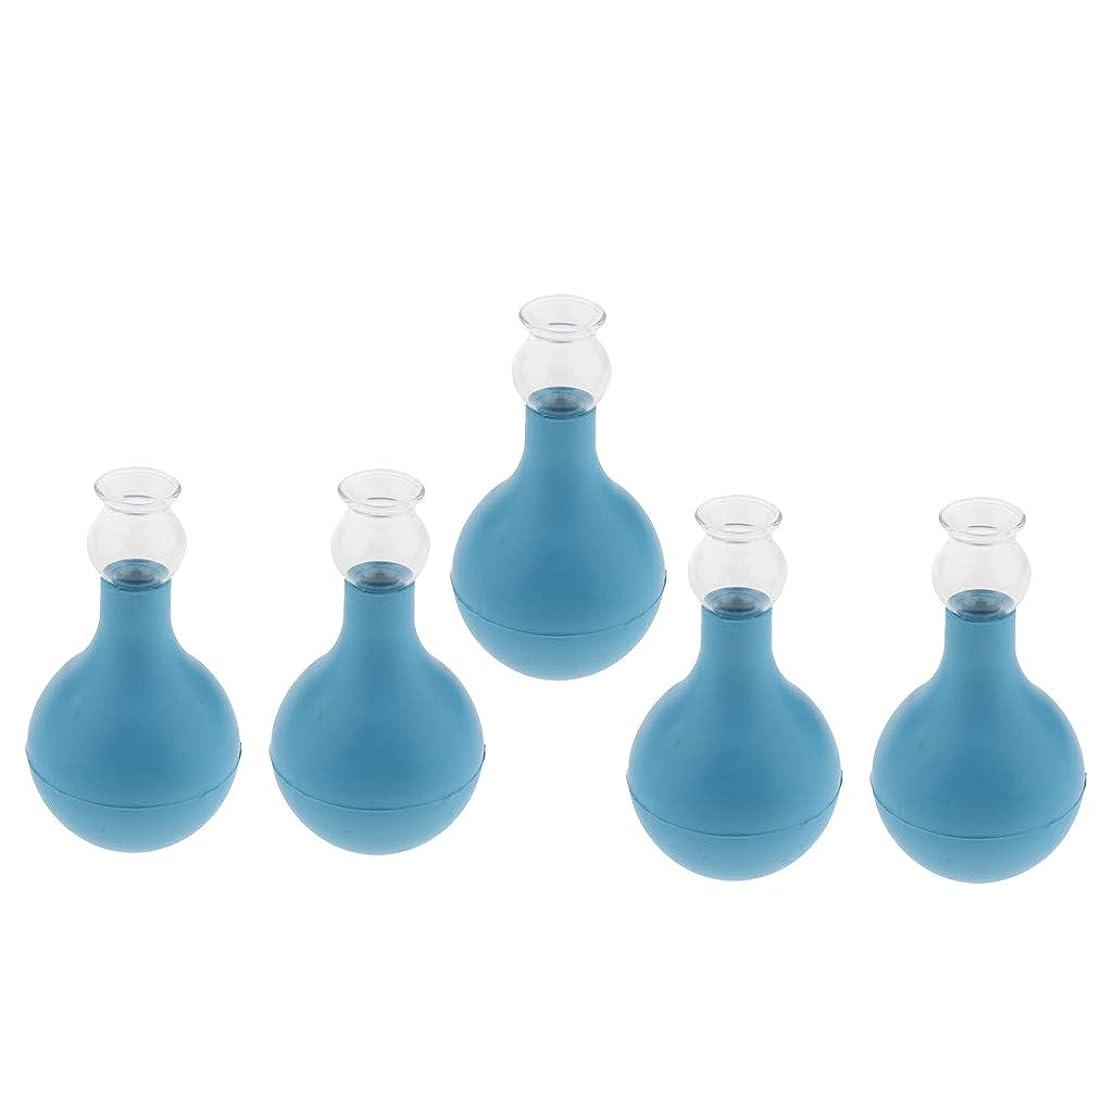 熱狂的な王女放射能FLAMEER 5個 セルライト対策 カッピング ガラス/シリコン マッサージ吸い玉 使いやすい 腫脹緩和 2種選ぶ - ブルー+ブルー2cm, 2cm